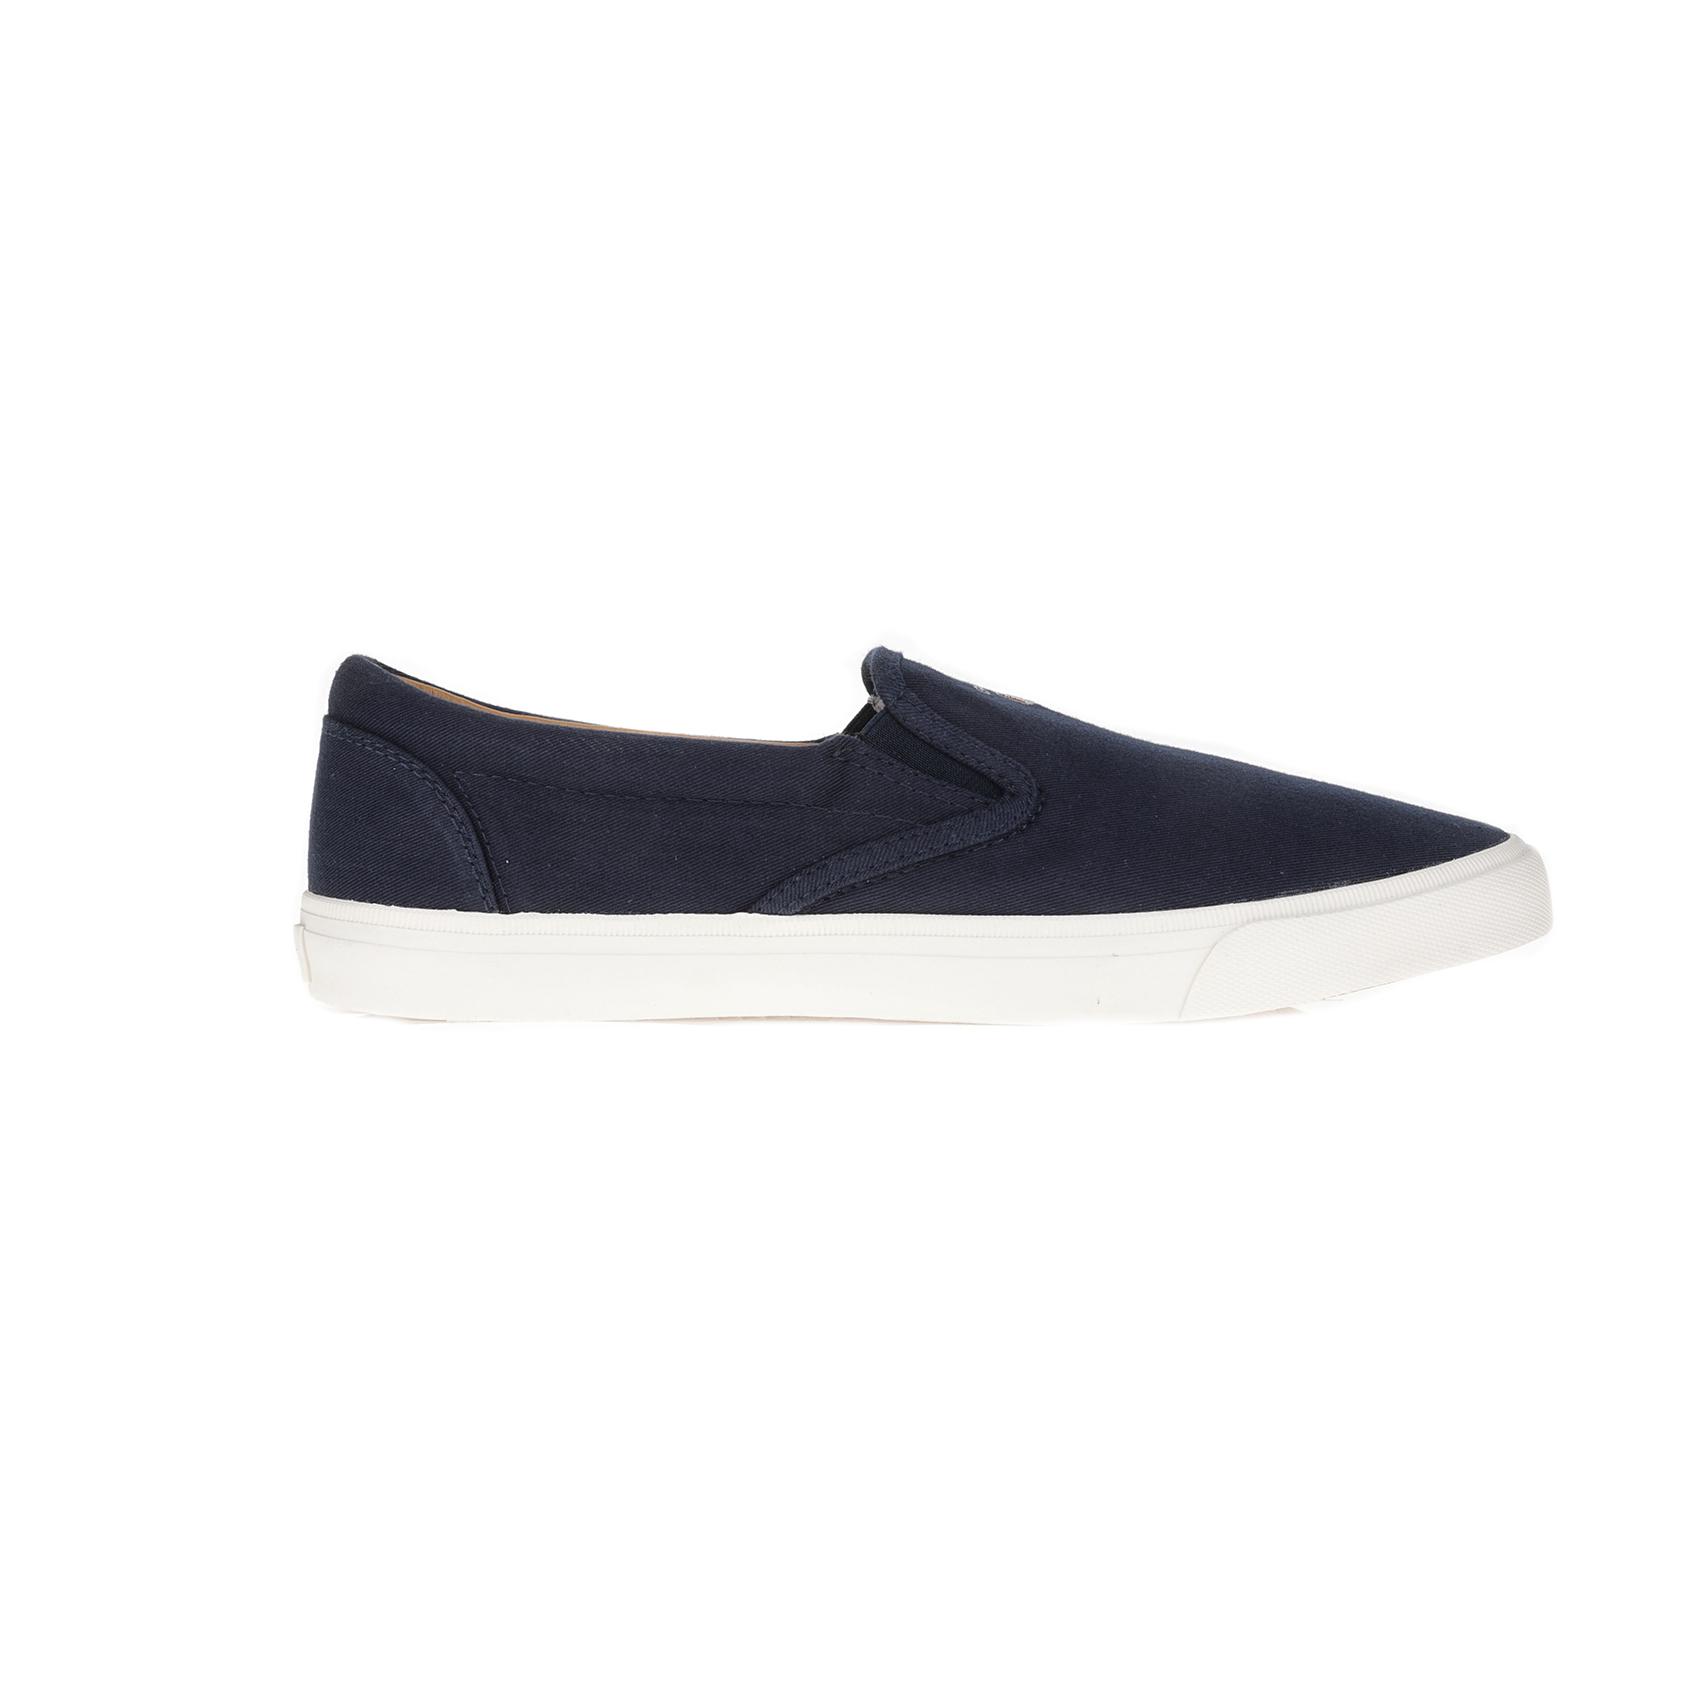 b8d262b3dc3b GANT - Ανδρικά παπούτσια GANT Hero μπλε